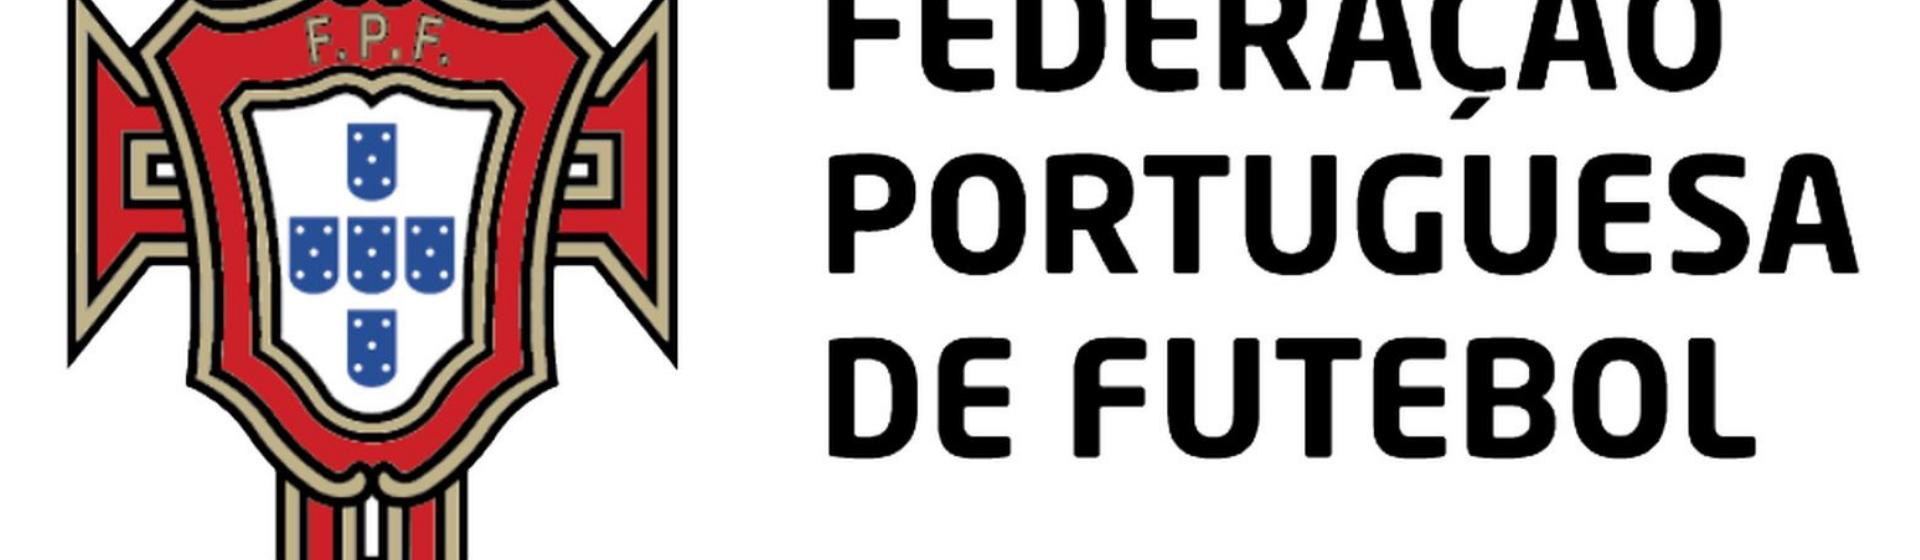 FPF header